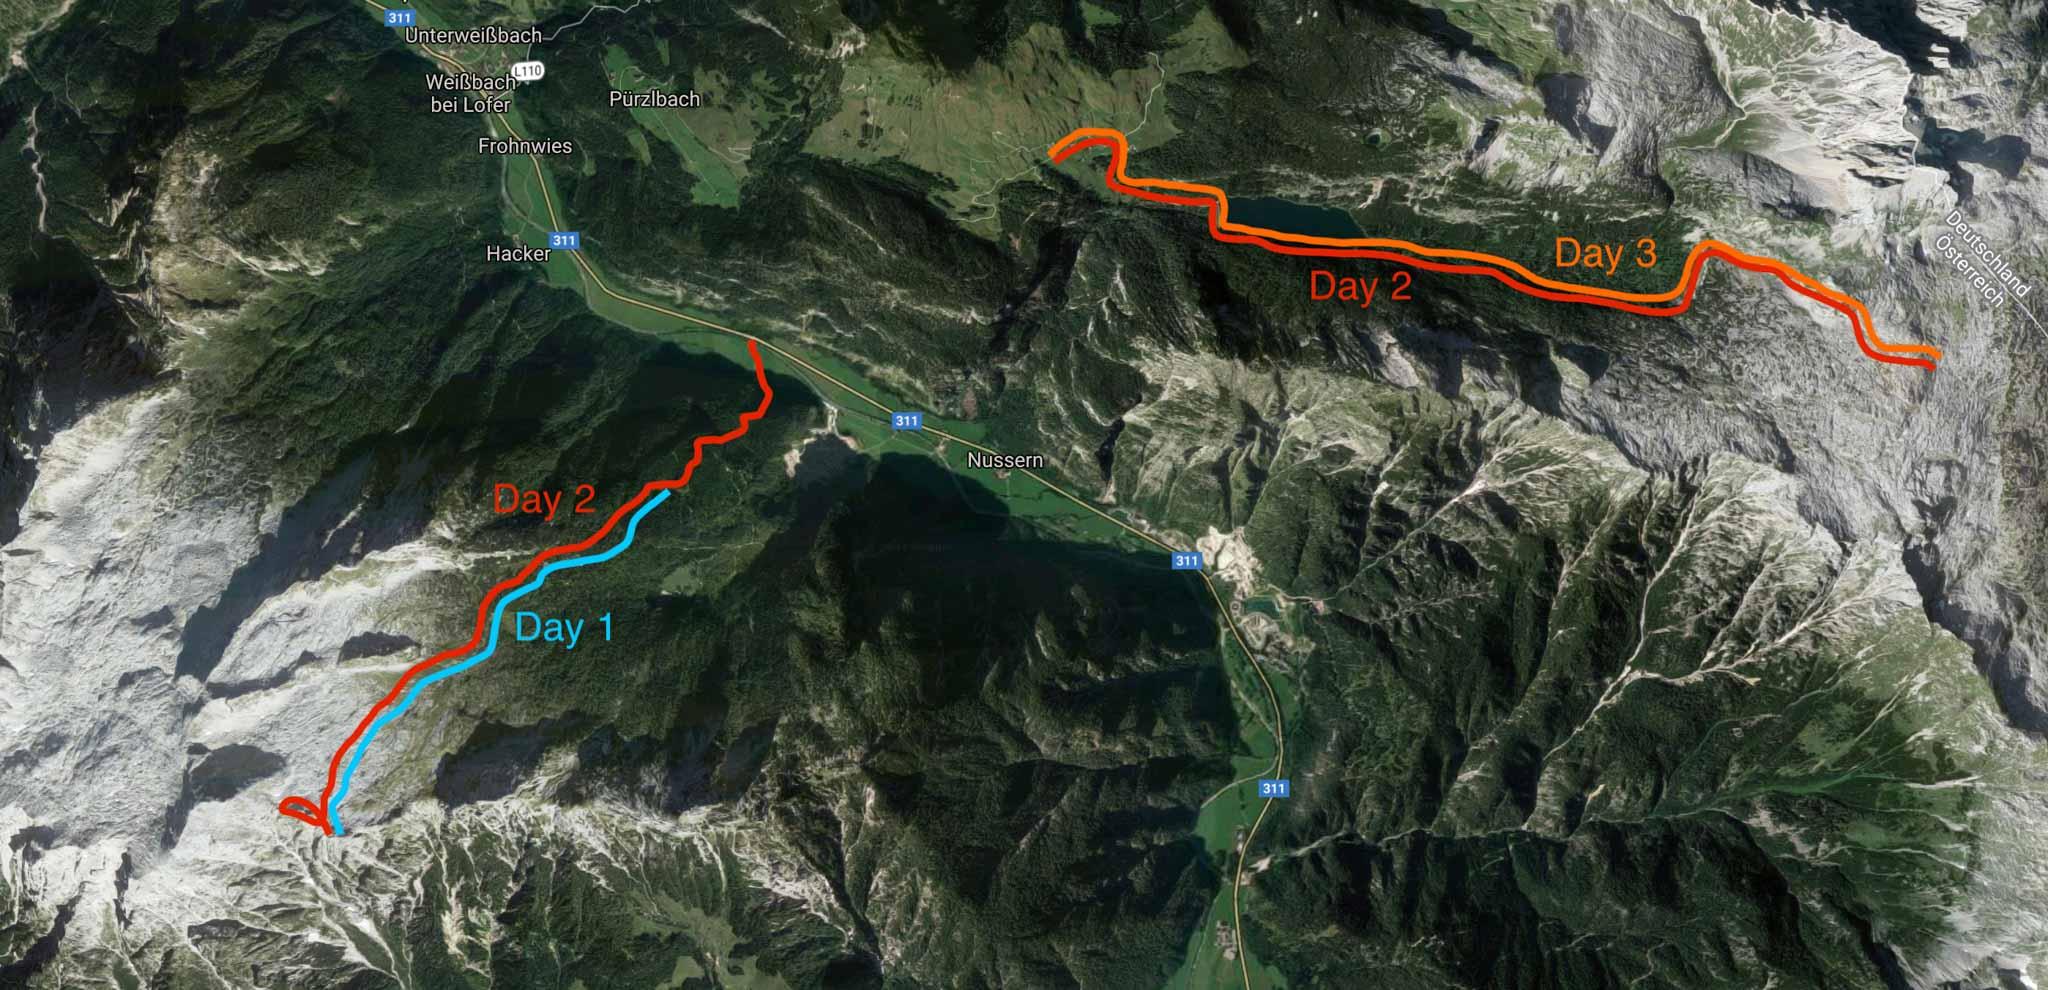 Gravel Bike Map